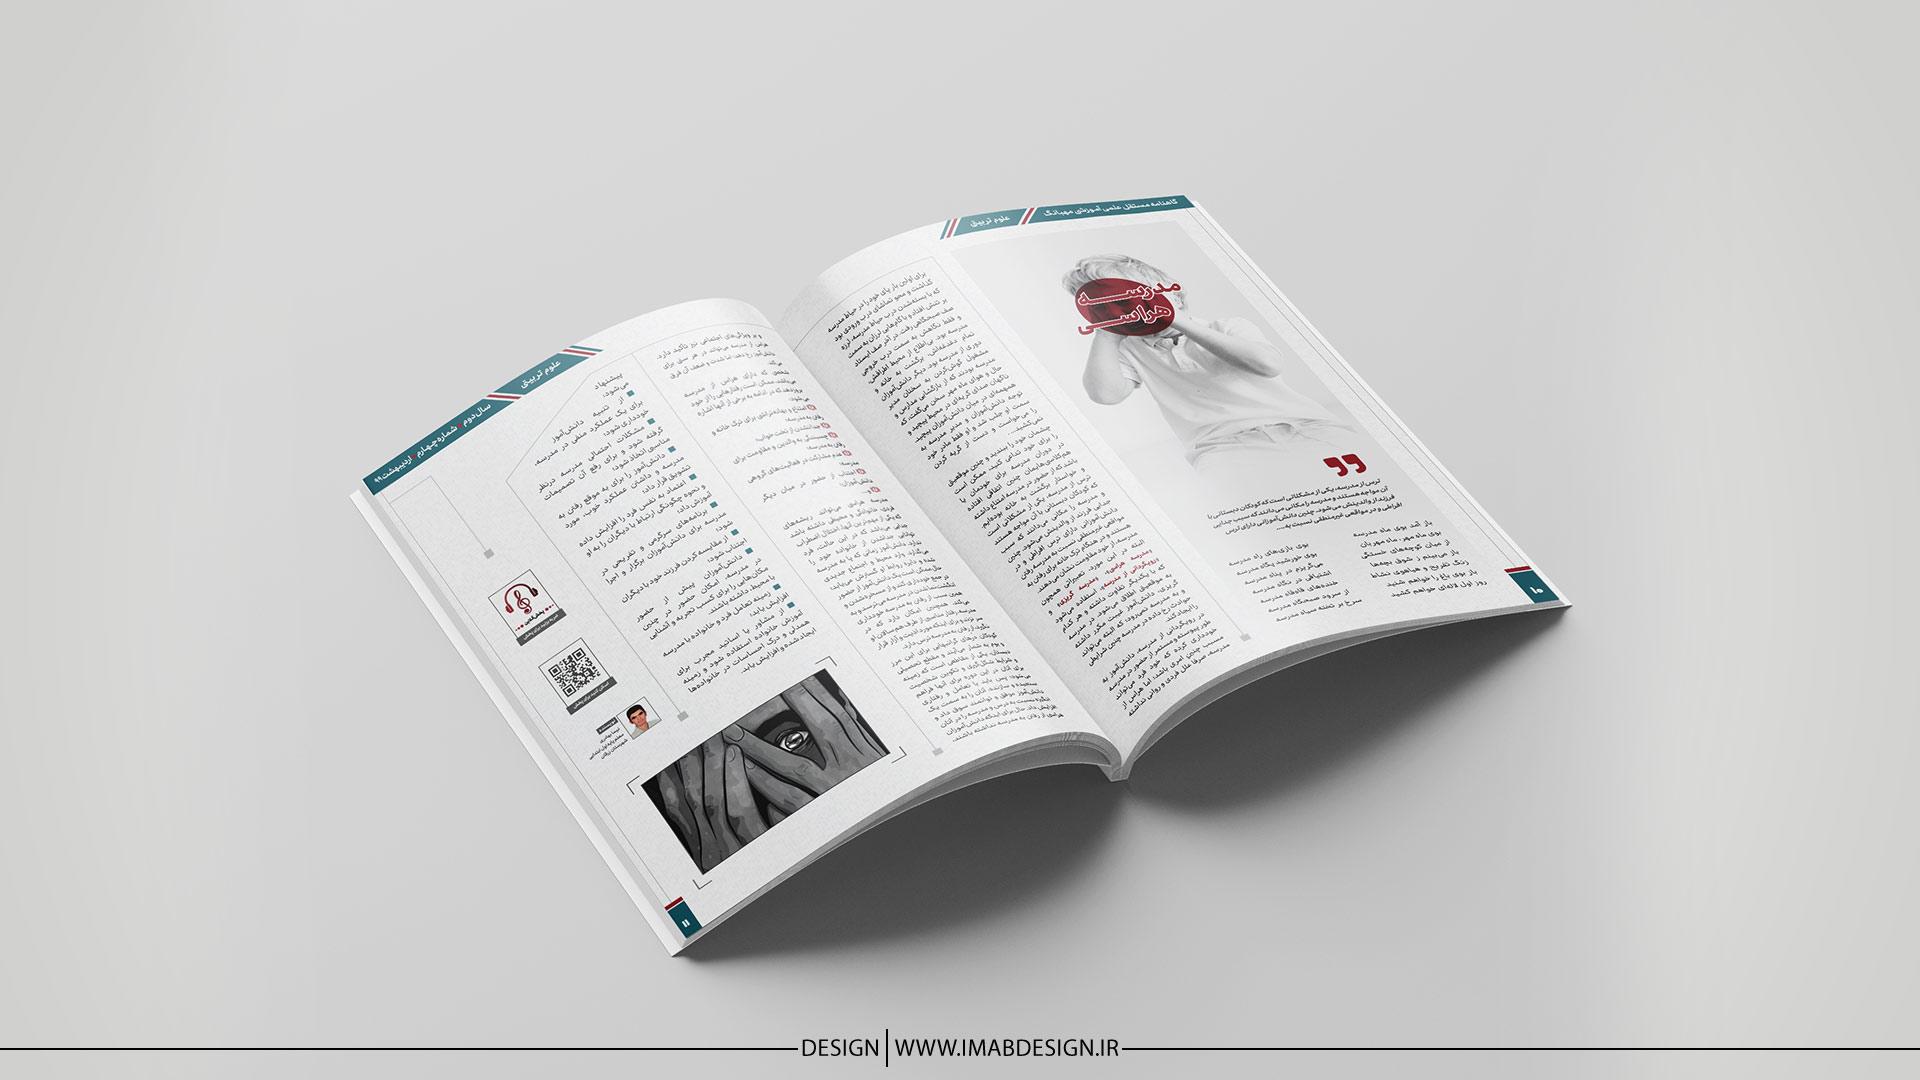 نمونه کار صفحهآرایی نشریه